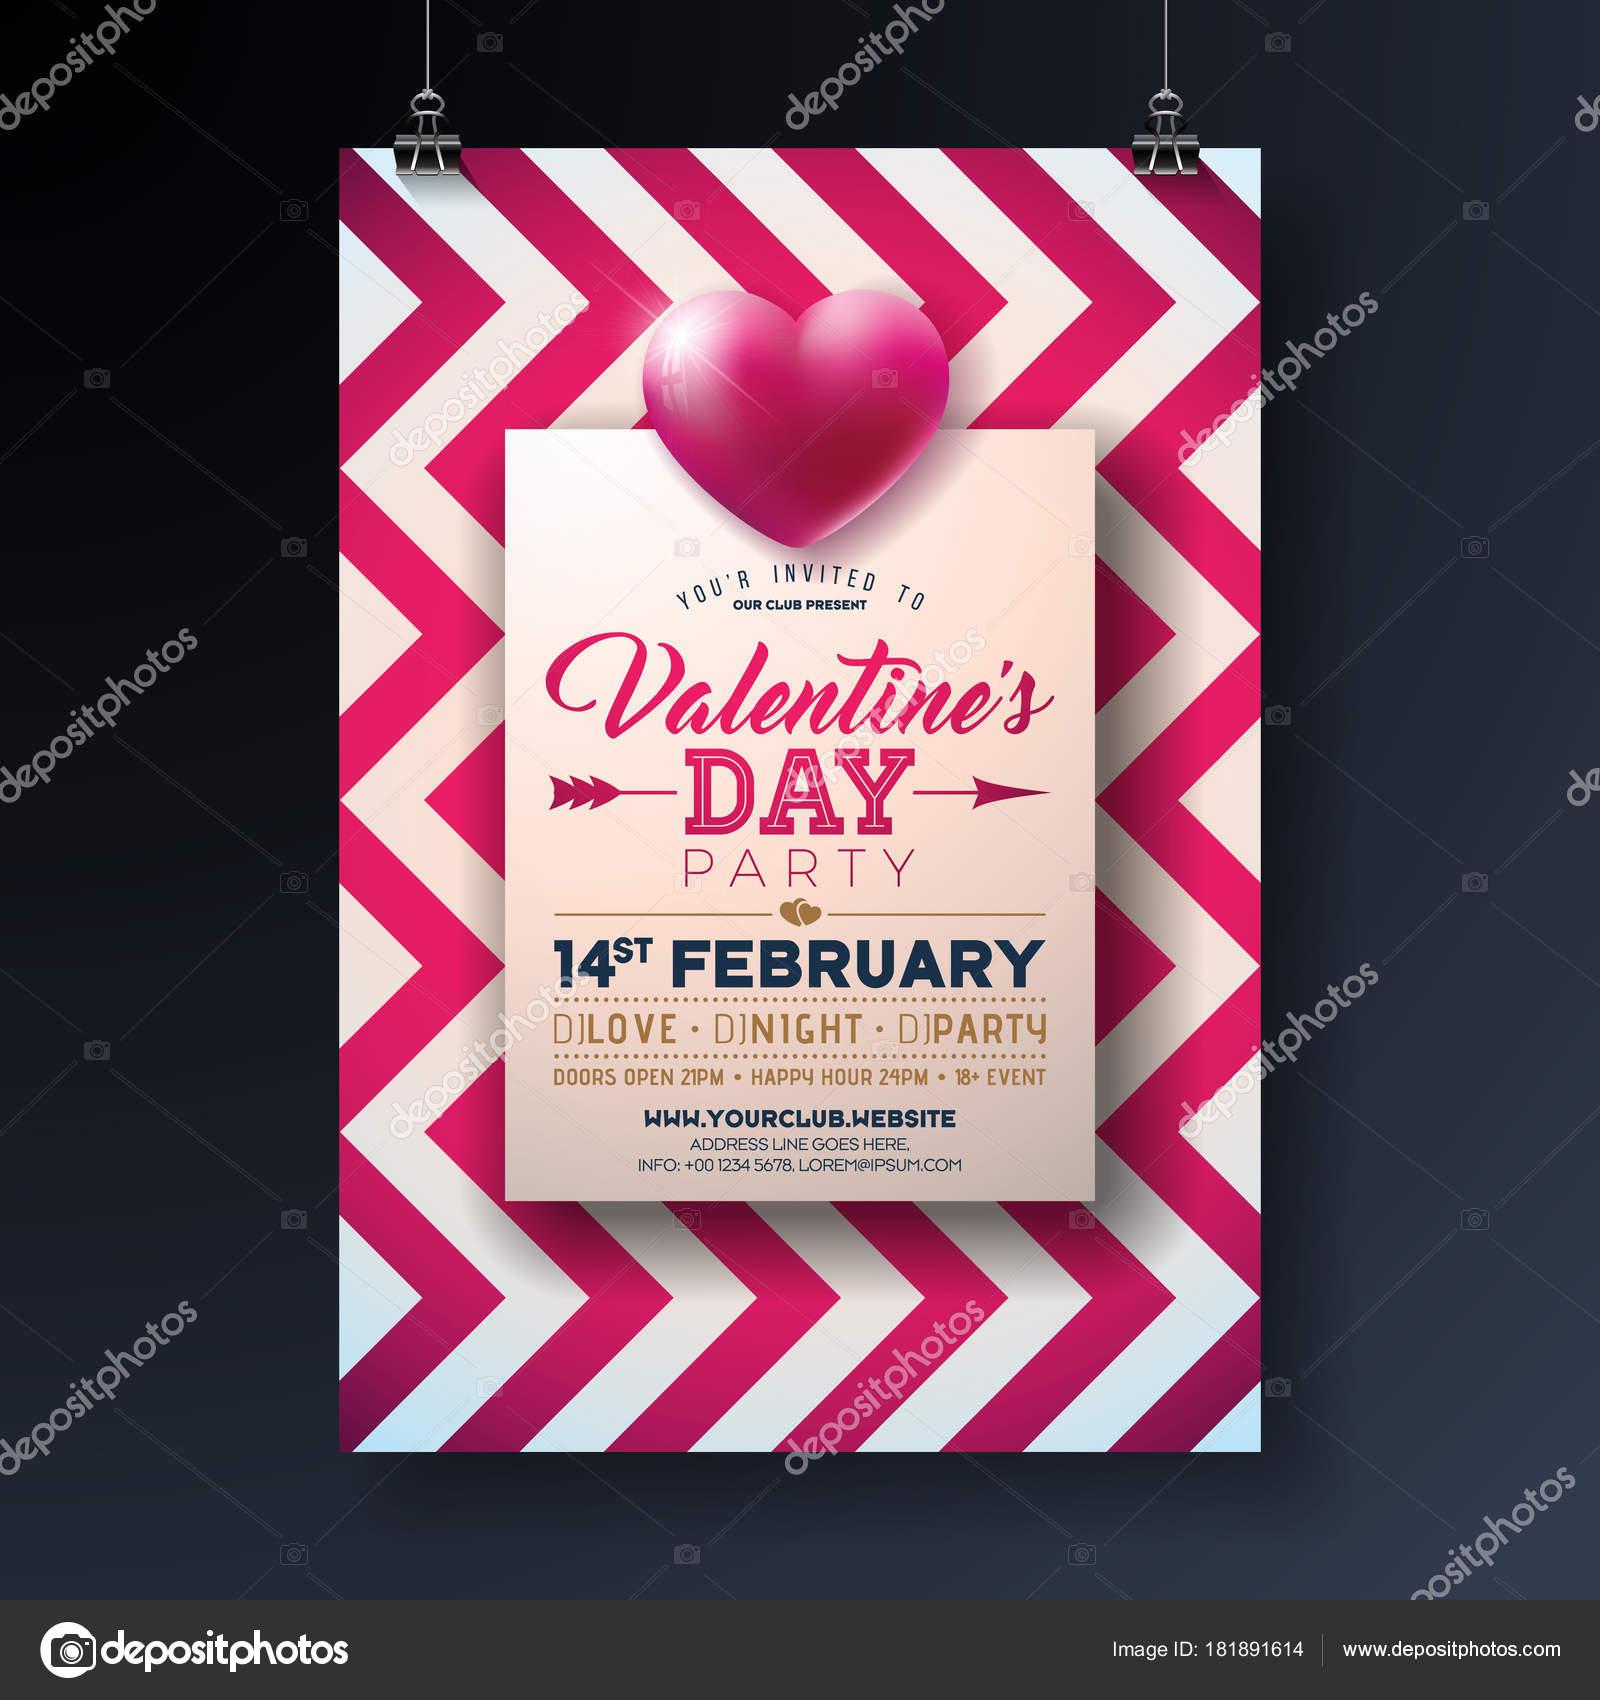 タイポグラフィ レターと赤の抽象的な背景心バレンタインデー パーティー